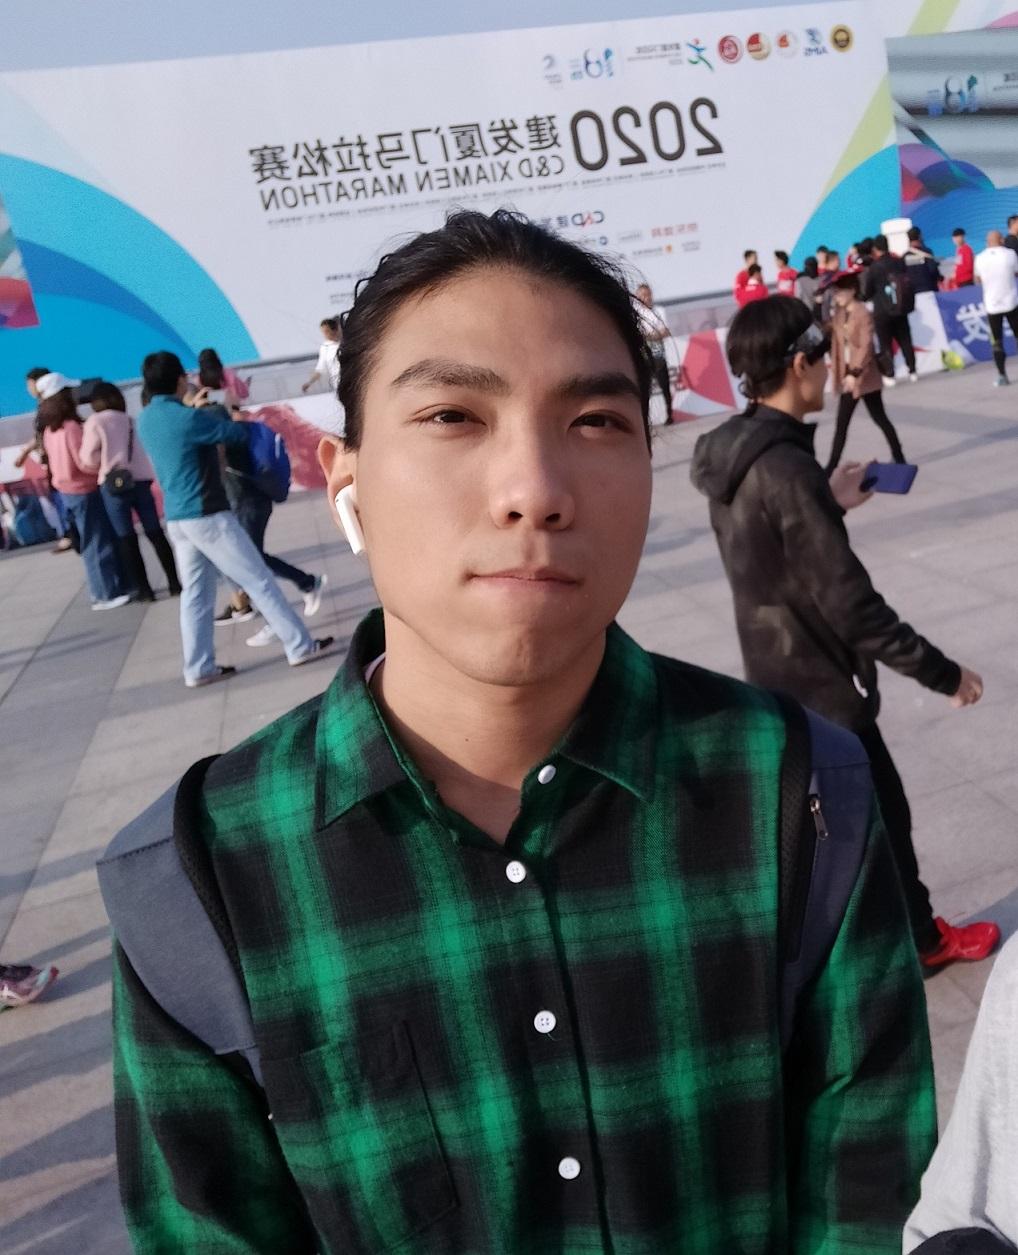 Run-Qing Chen